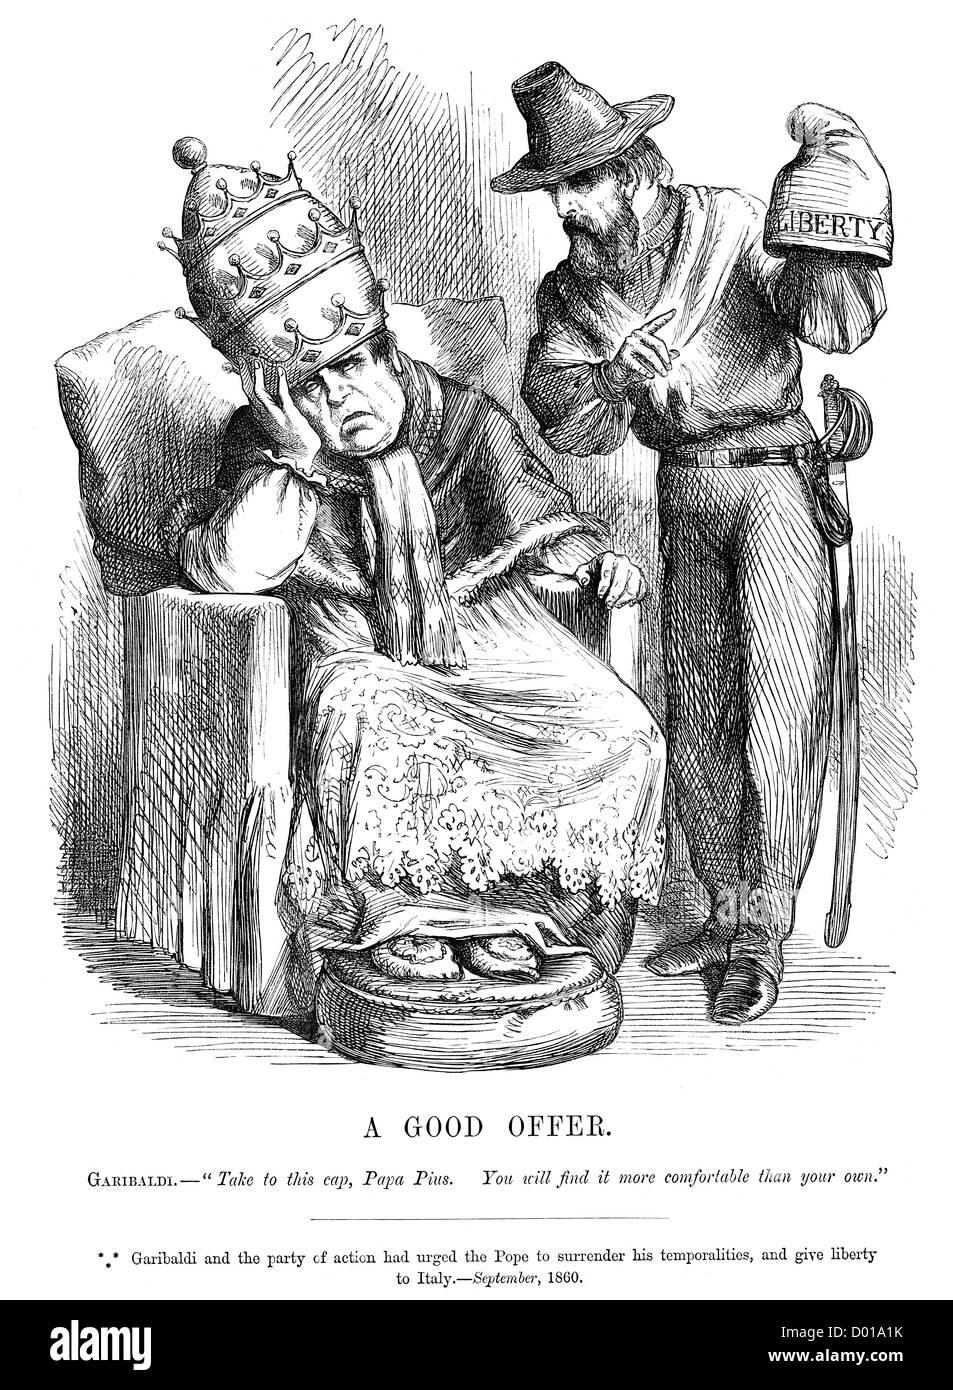 Ein Gutes Angebot Politische Karikatur über Garibaldi Drängen Des